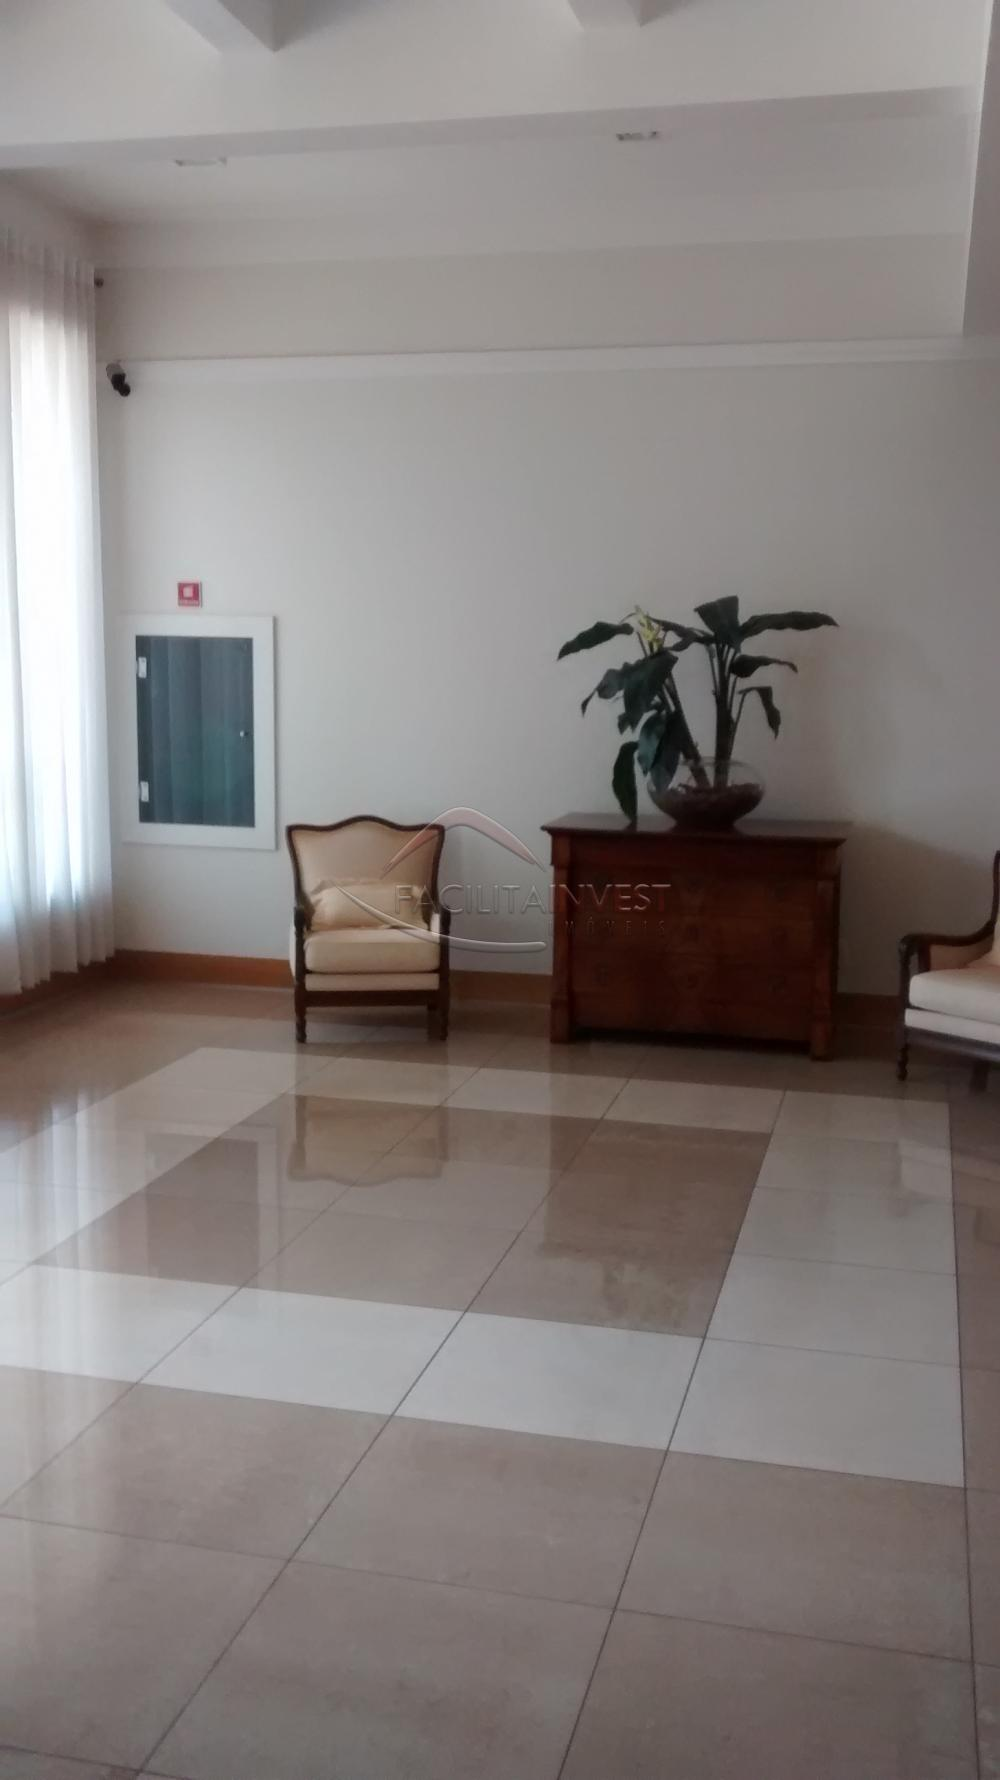 Comprar Apartamentos / Apart. Padrão em Ribeirão Preto apenas R$ 800.000,00 - Foto 39